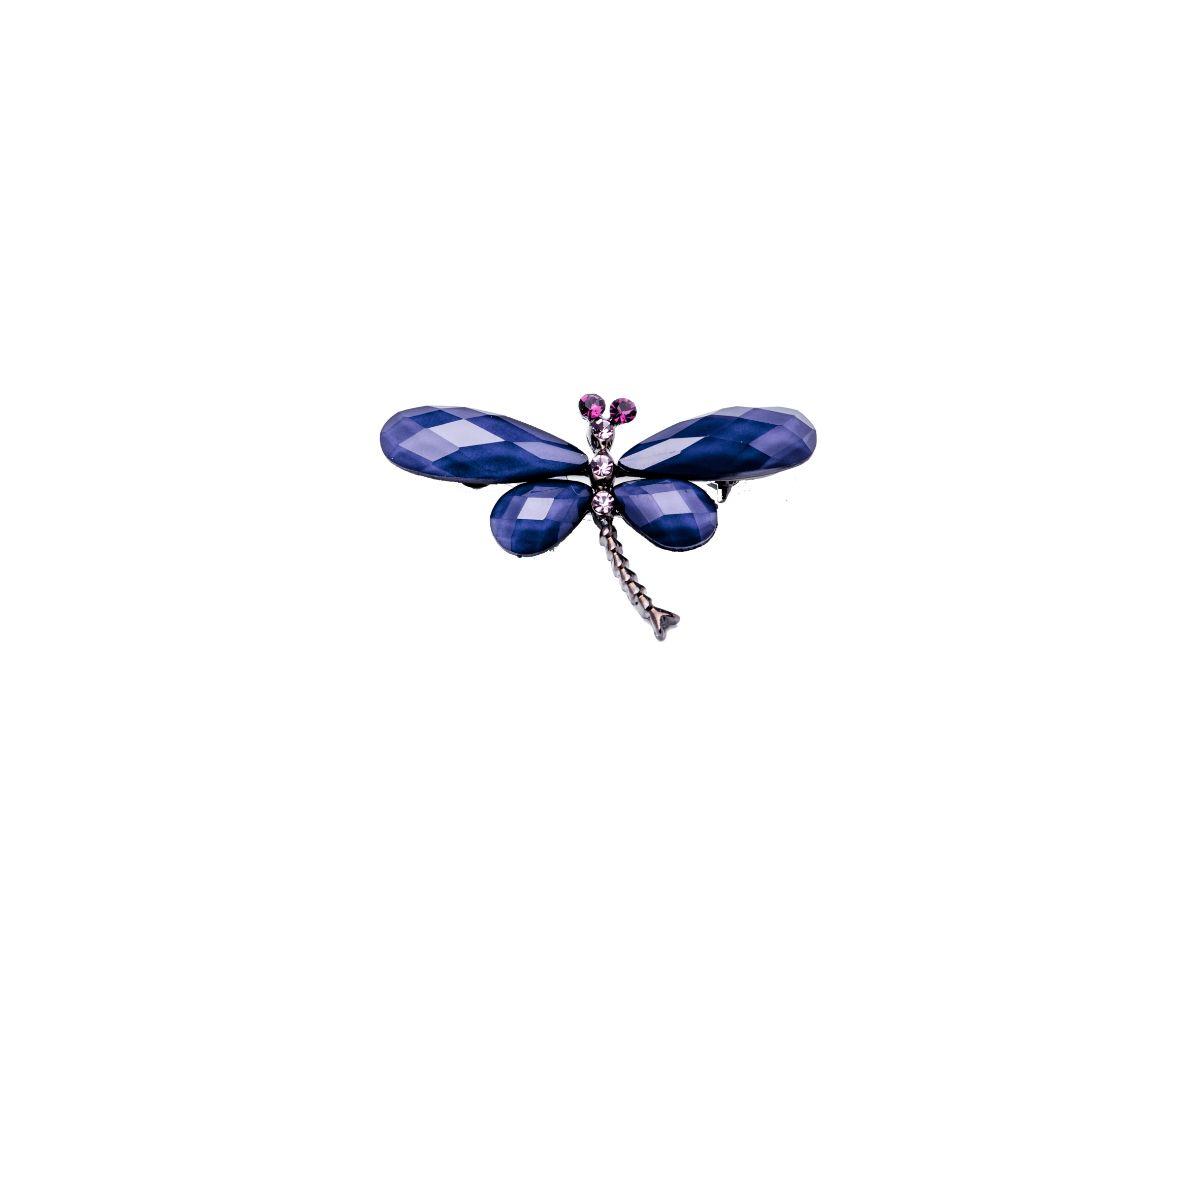 Libélula broche de 5 centímetros en forma de libélula con las alas de metacrilato de color morado y pequeños cristales engarzados